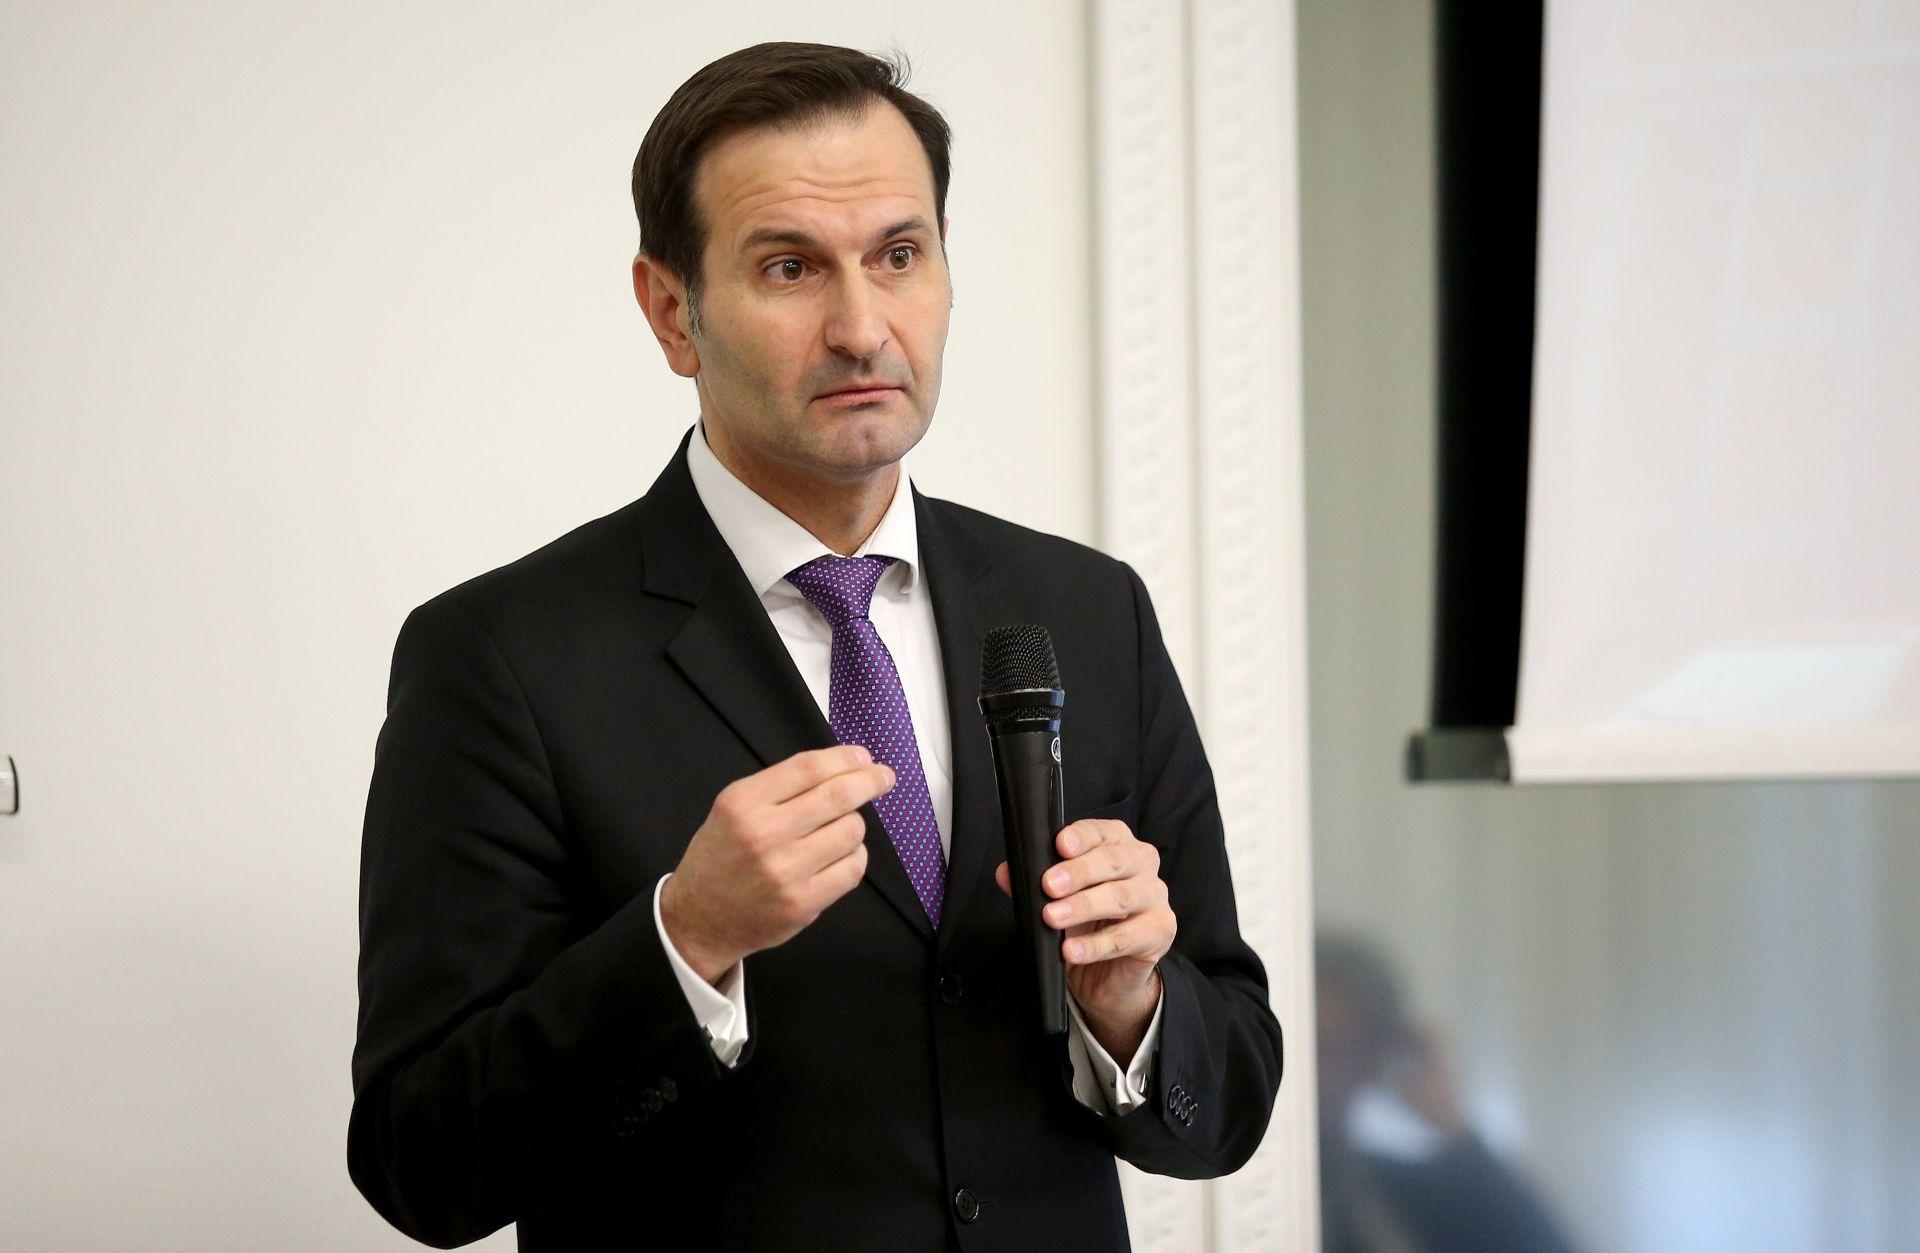 HAKERSKI NAPAD Kovač: 'Poduzete su sve mjere za zaštitu podataka i nacionalne sigurnosti'